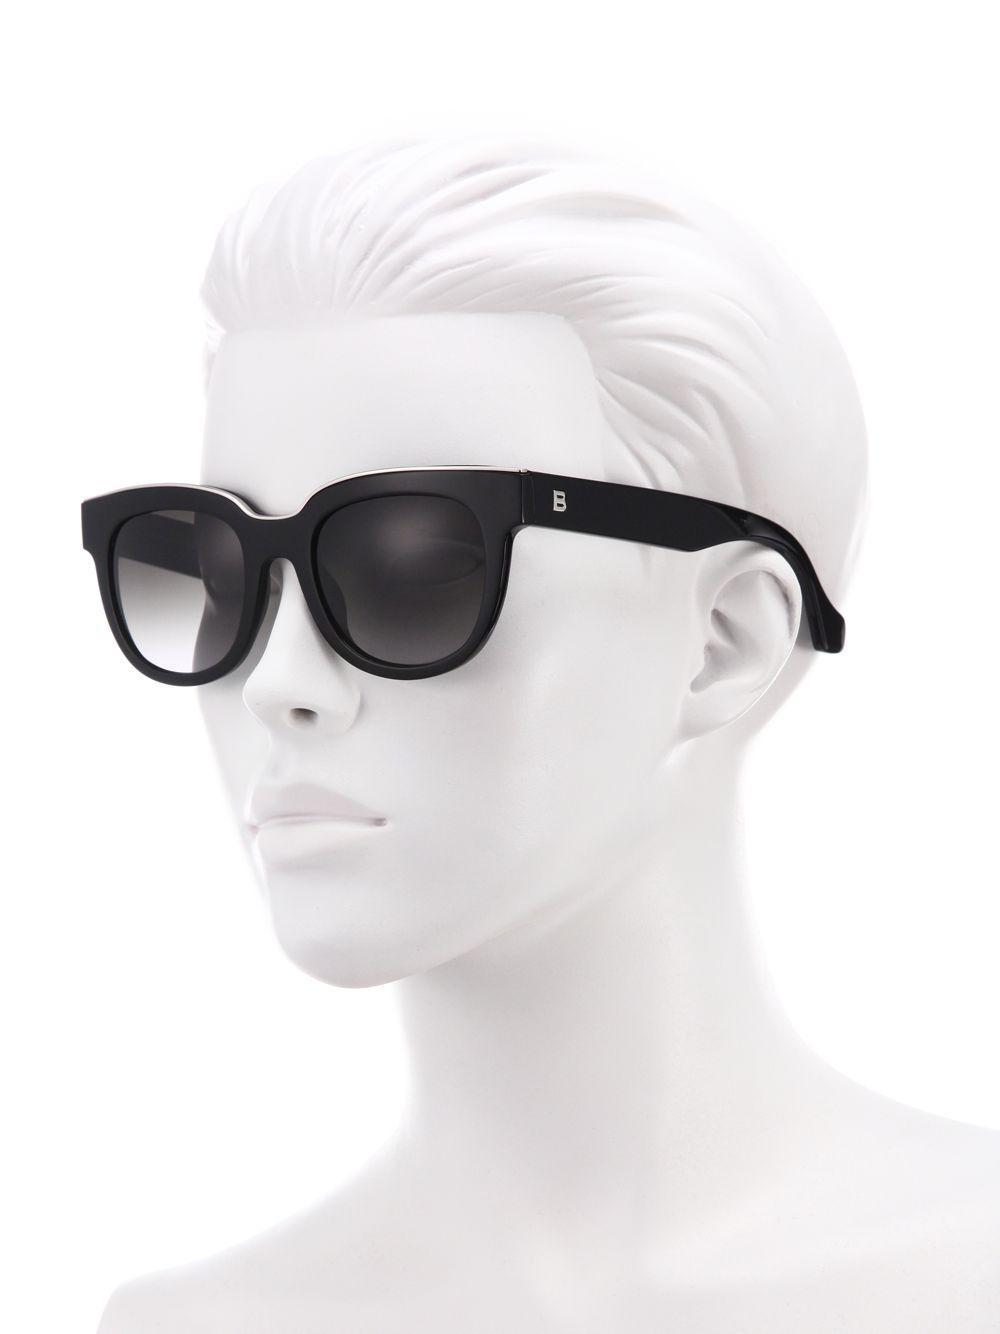 76df8aca391d5 Balenciaga - Black 52mm Acetate   Metal Square Sunglasses - Lyst. View  fullscreen